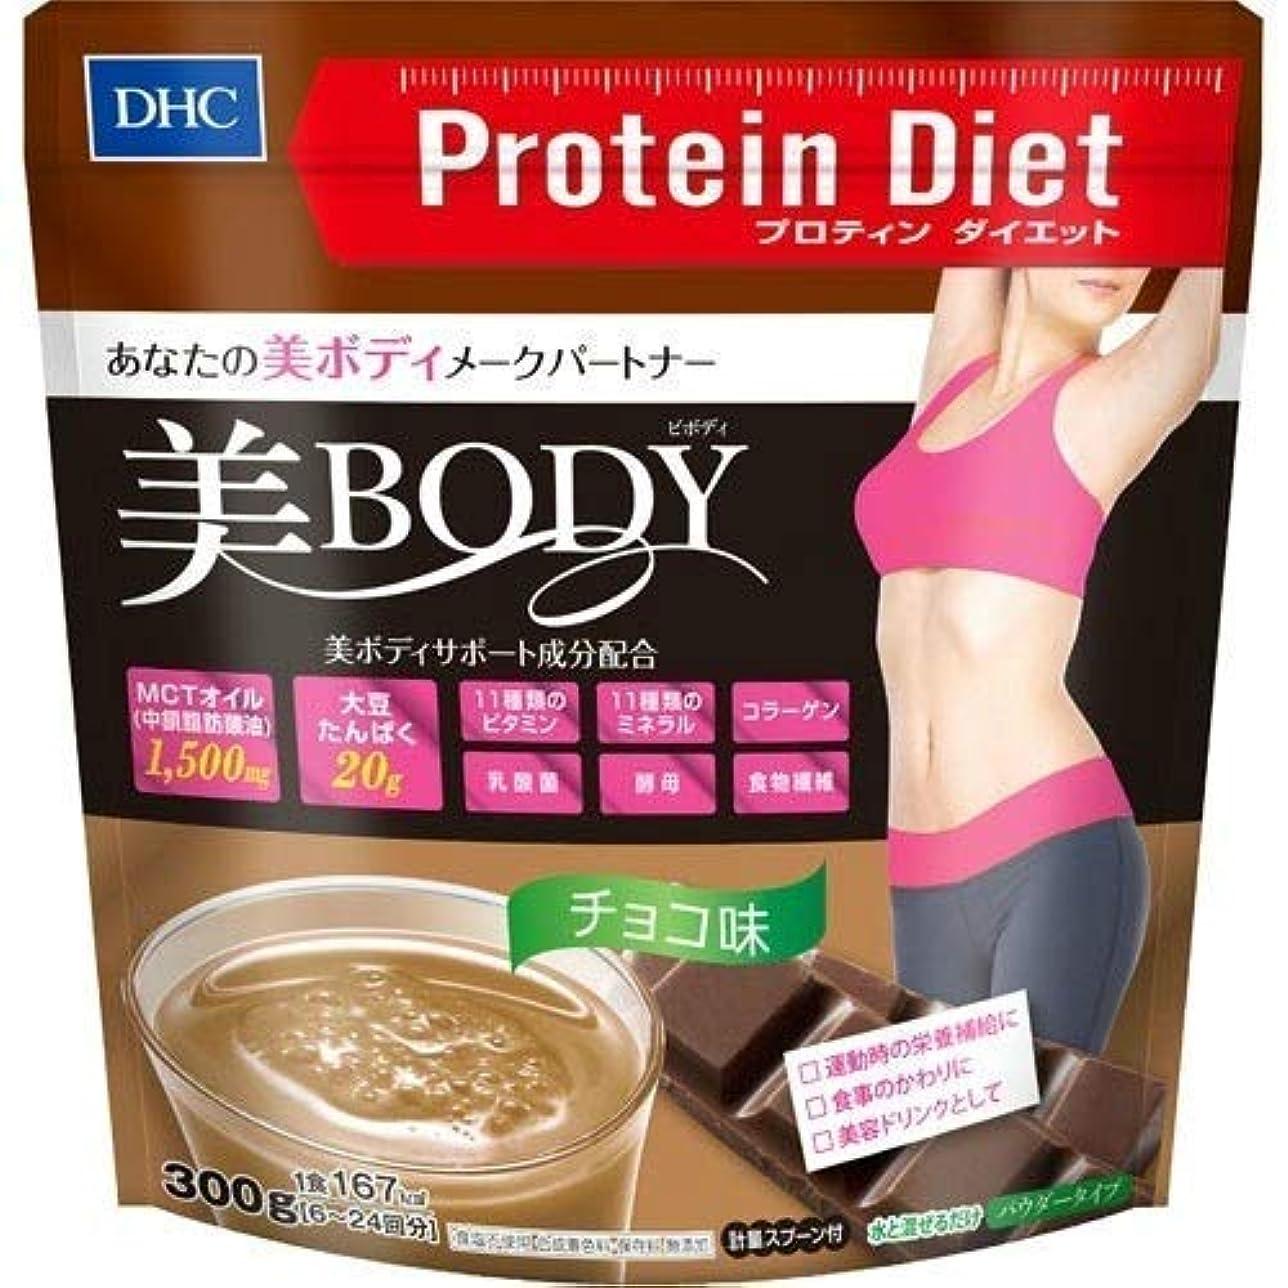 トリムシロクマ長々とDHC プロテインダイエット 美Body チョコ味 300g×2個